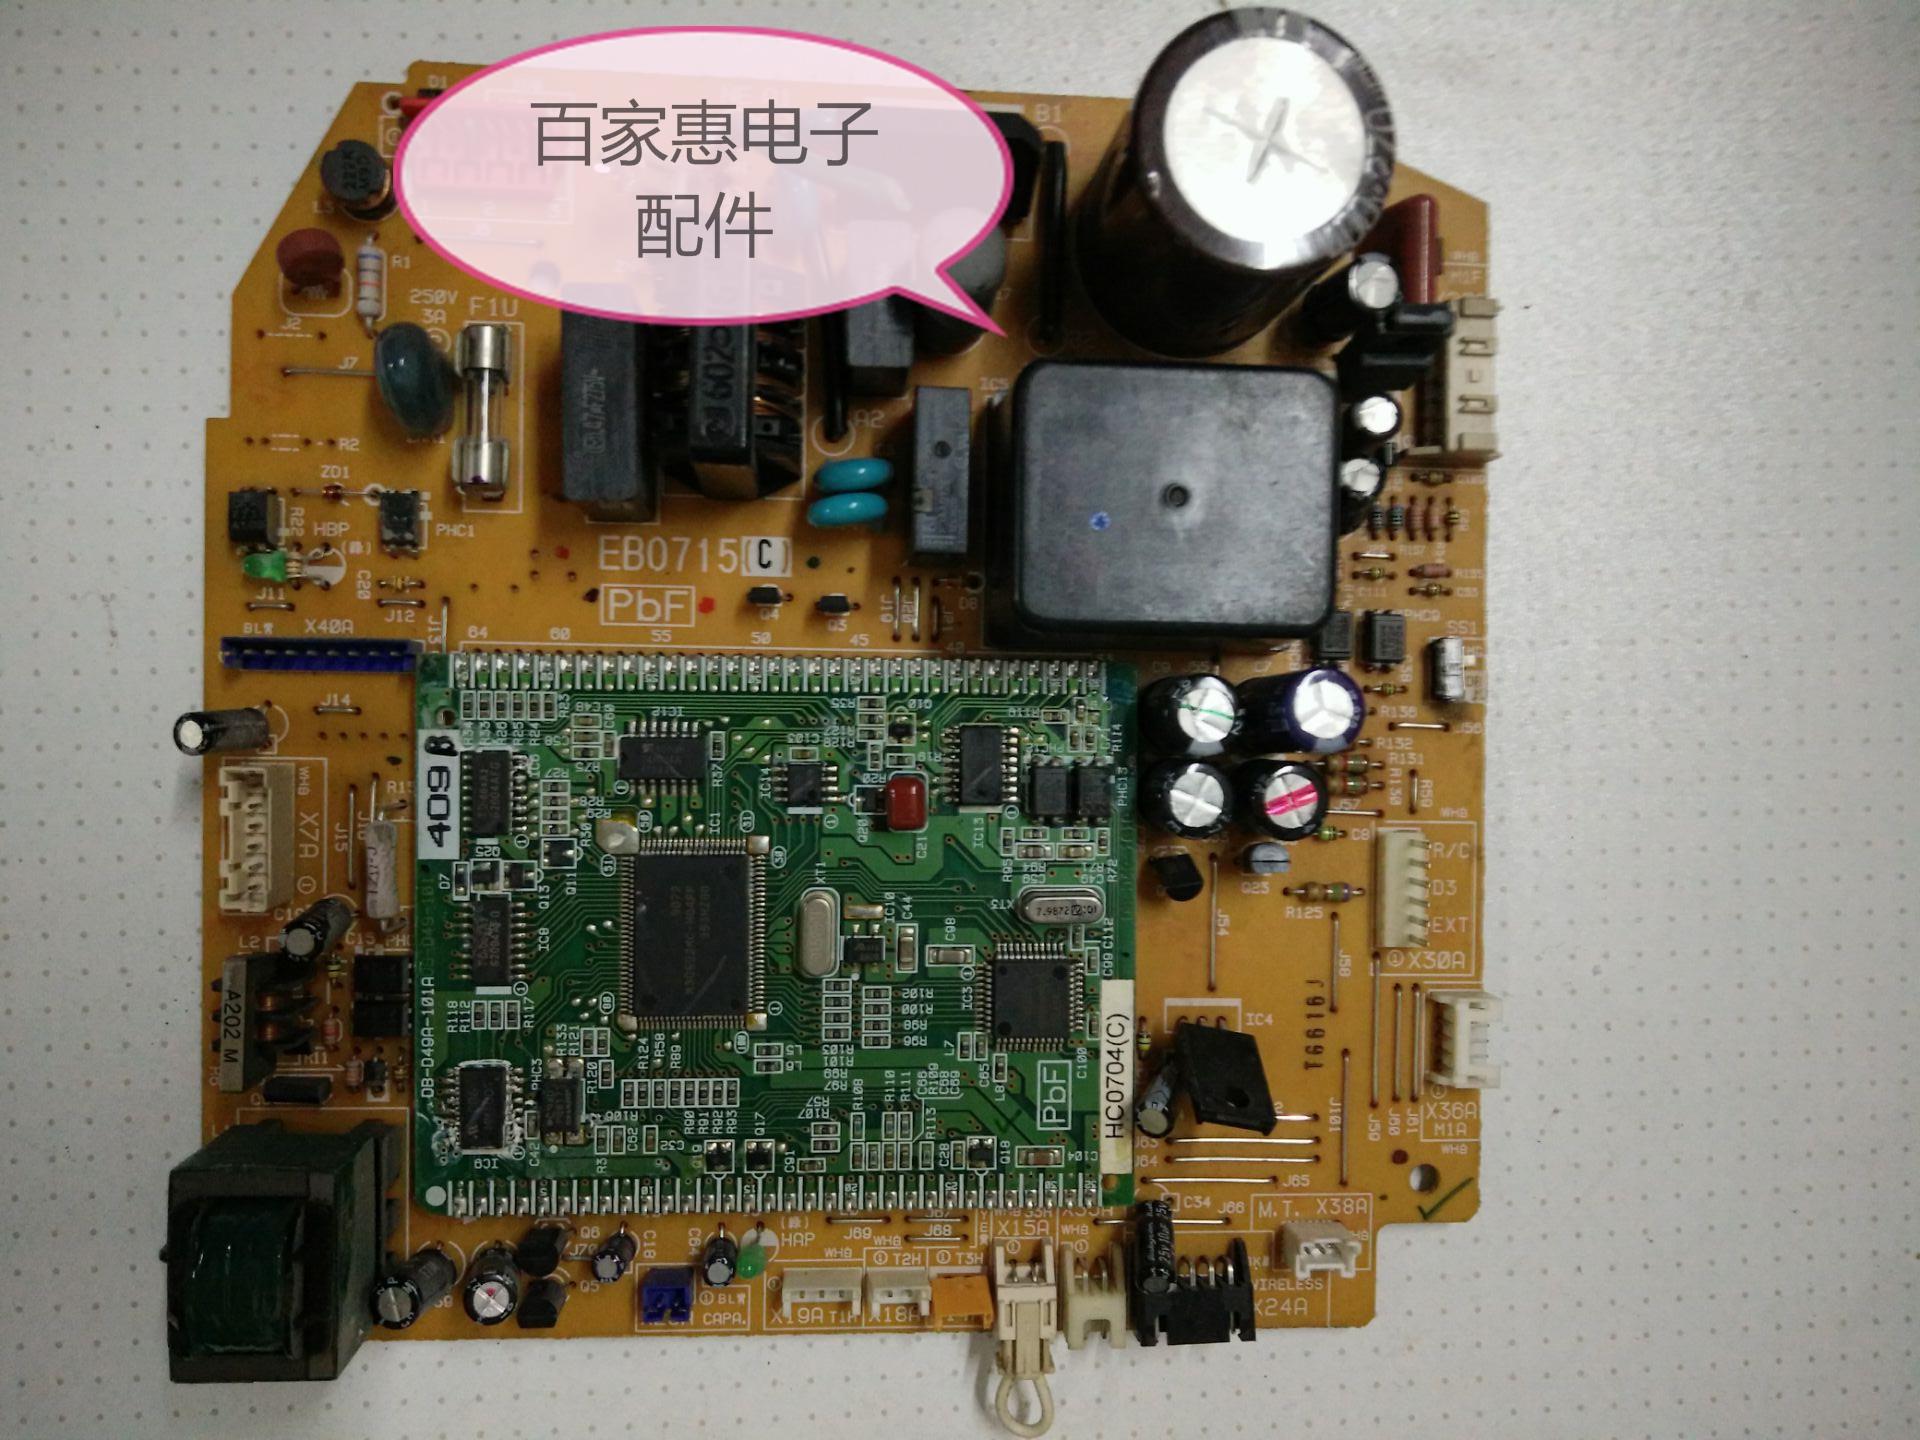 EB0715C - Daikin klimaanlagen - computer An Bord HC0704[C]